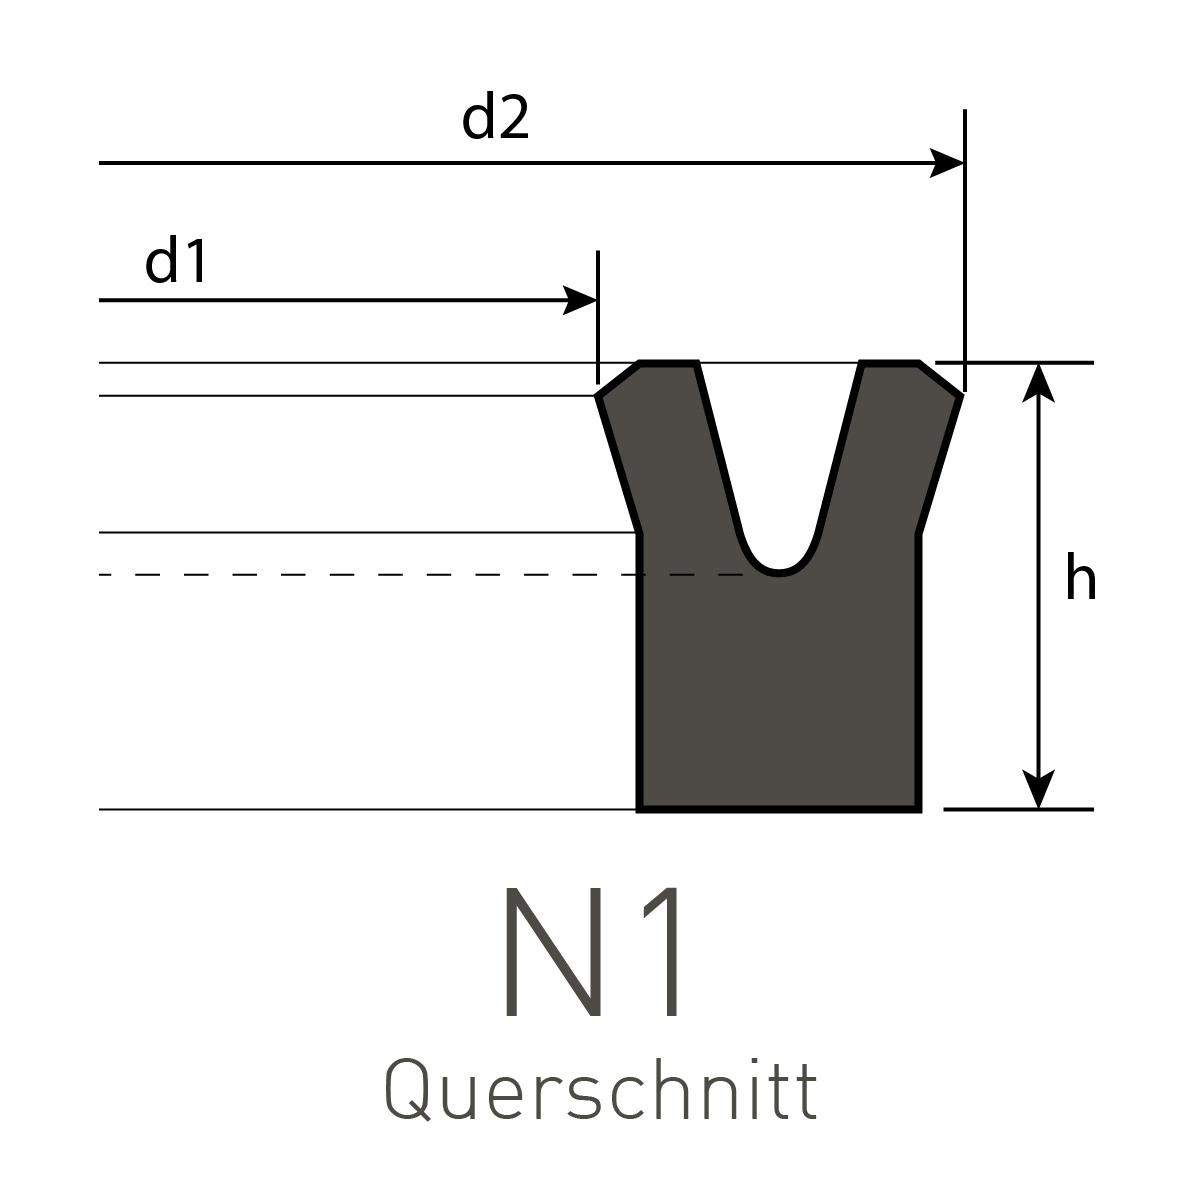 6 x 12 x 8 mm Kolbendichtung Stangendichtung Nutringe Nutring Symmetrisch PU